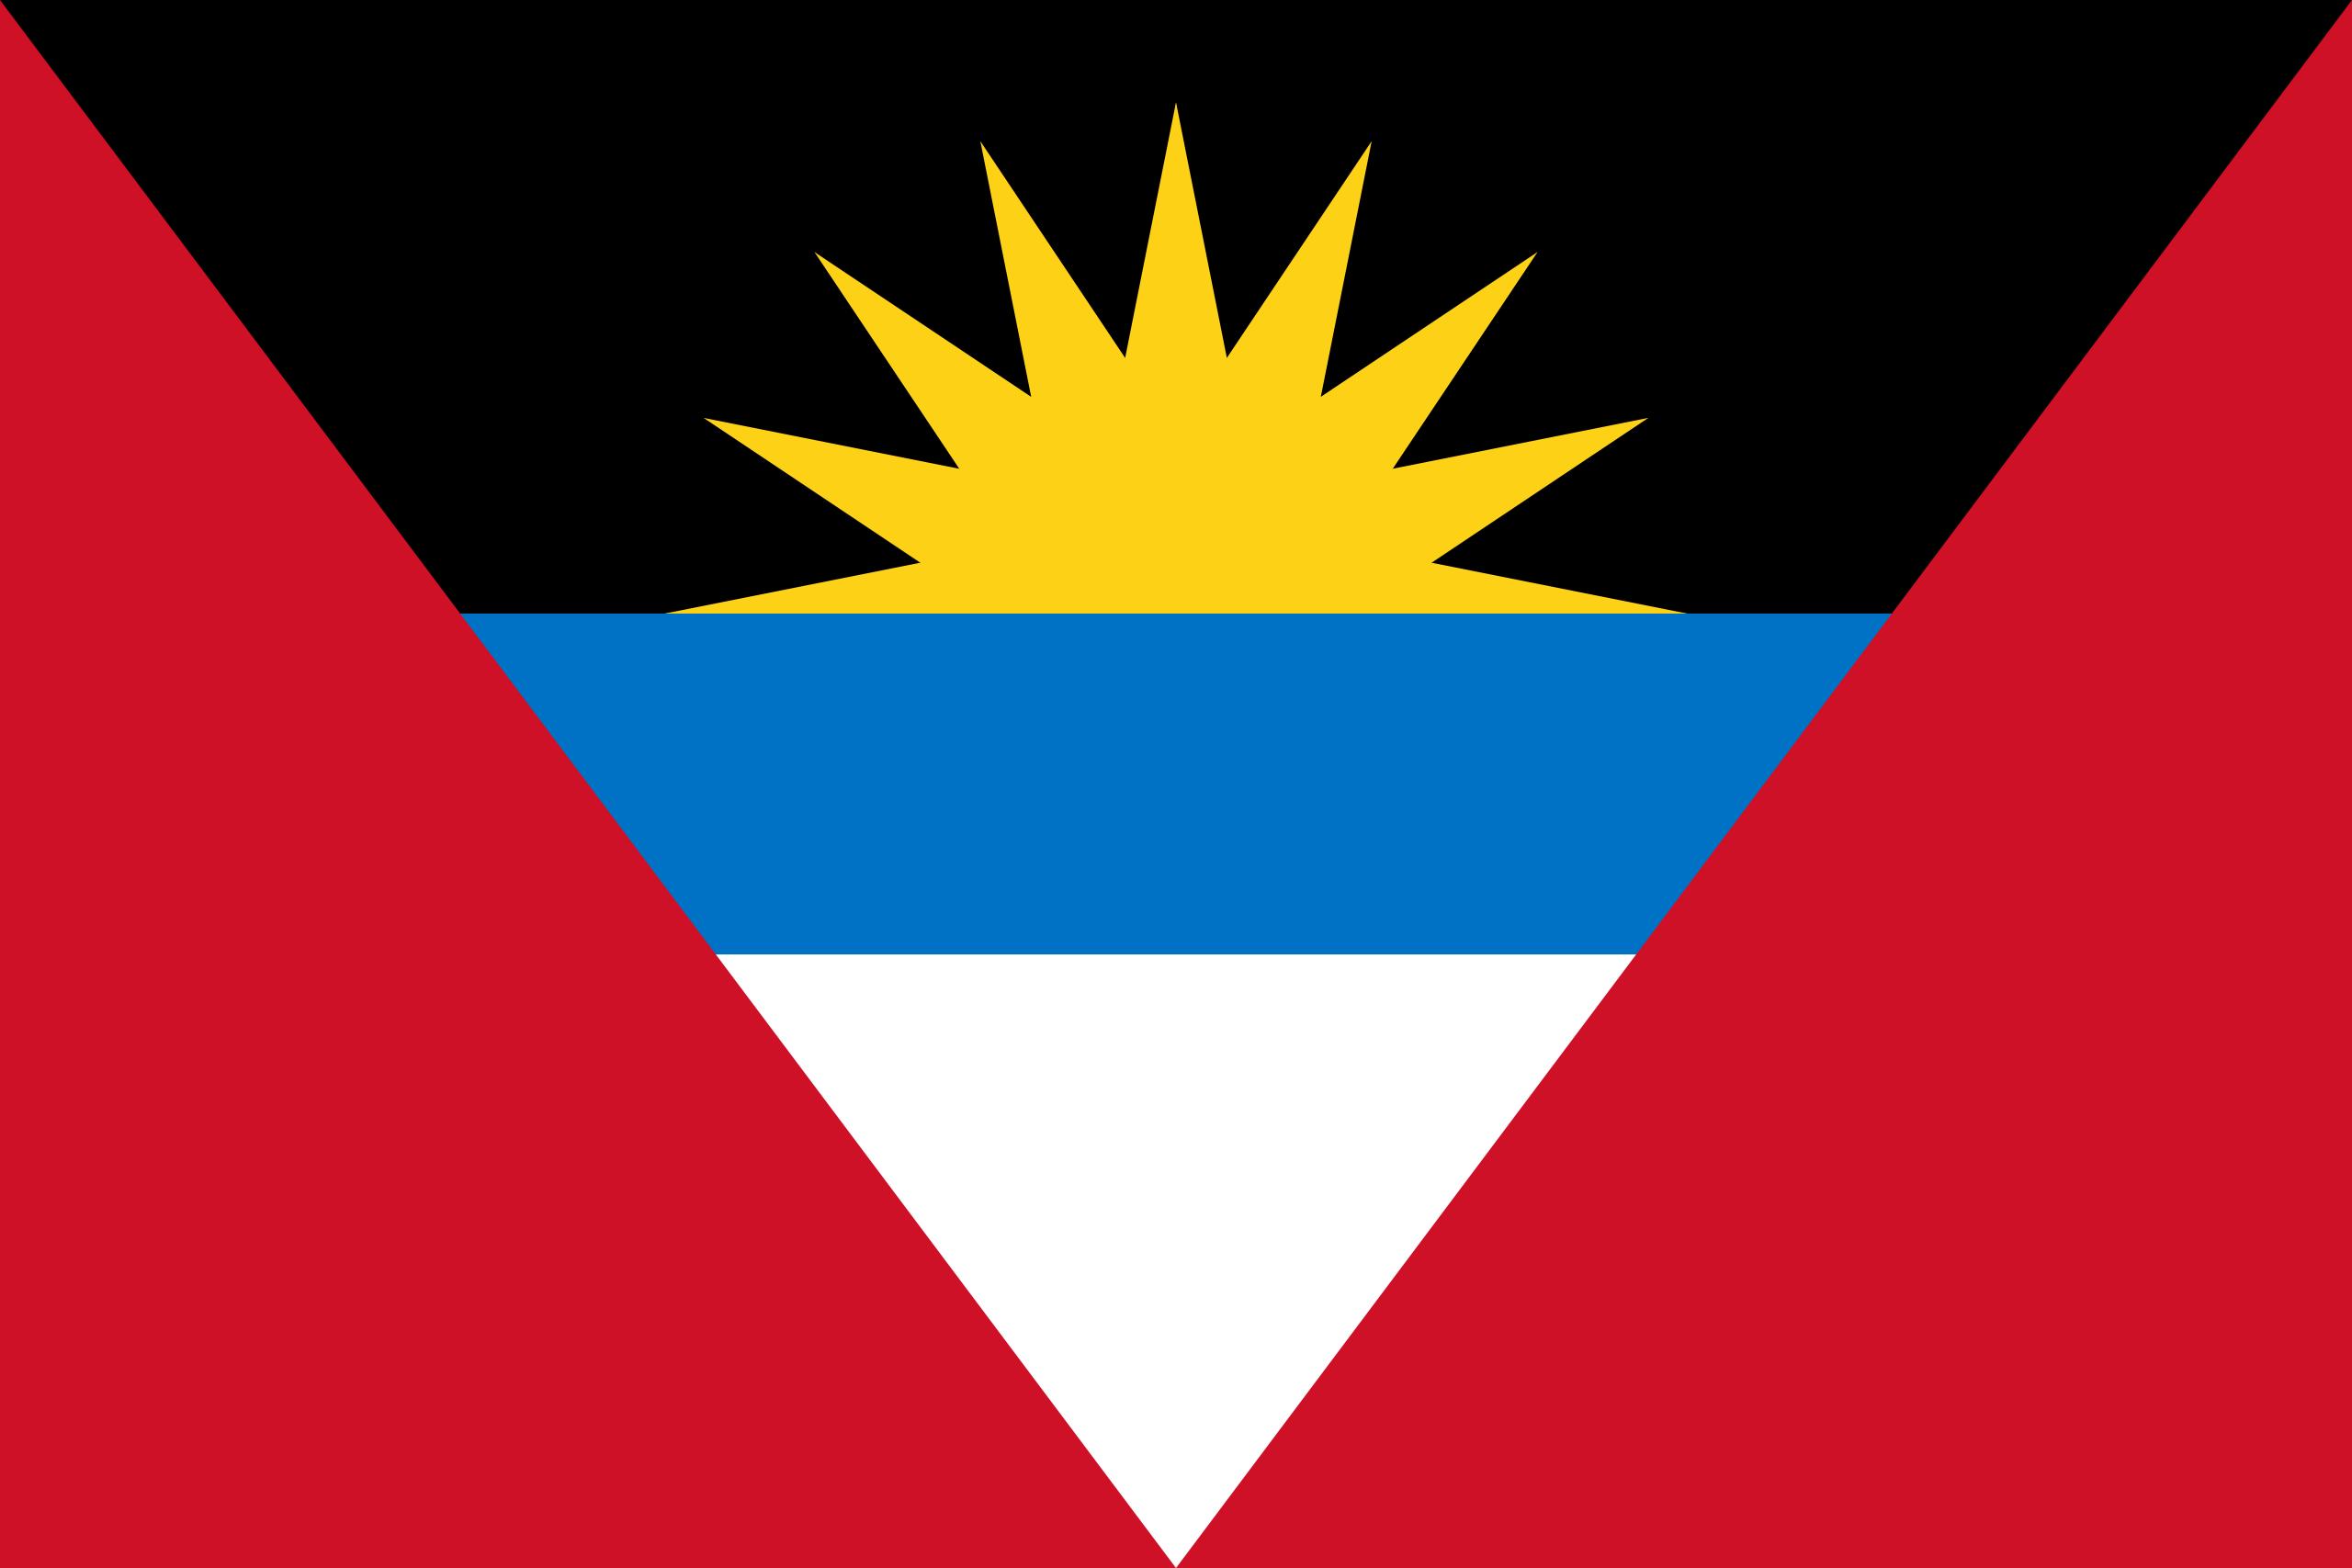 antigua y barbuda, Land, Emblem, Logo, Symbol - Wallpaper HD - Prof.-falken.com